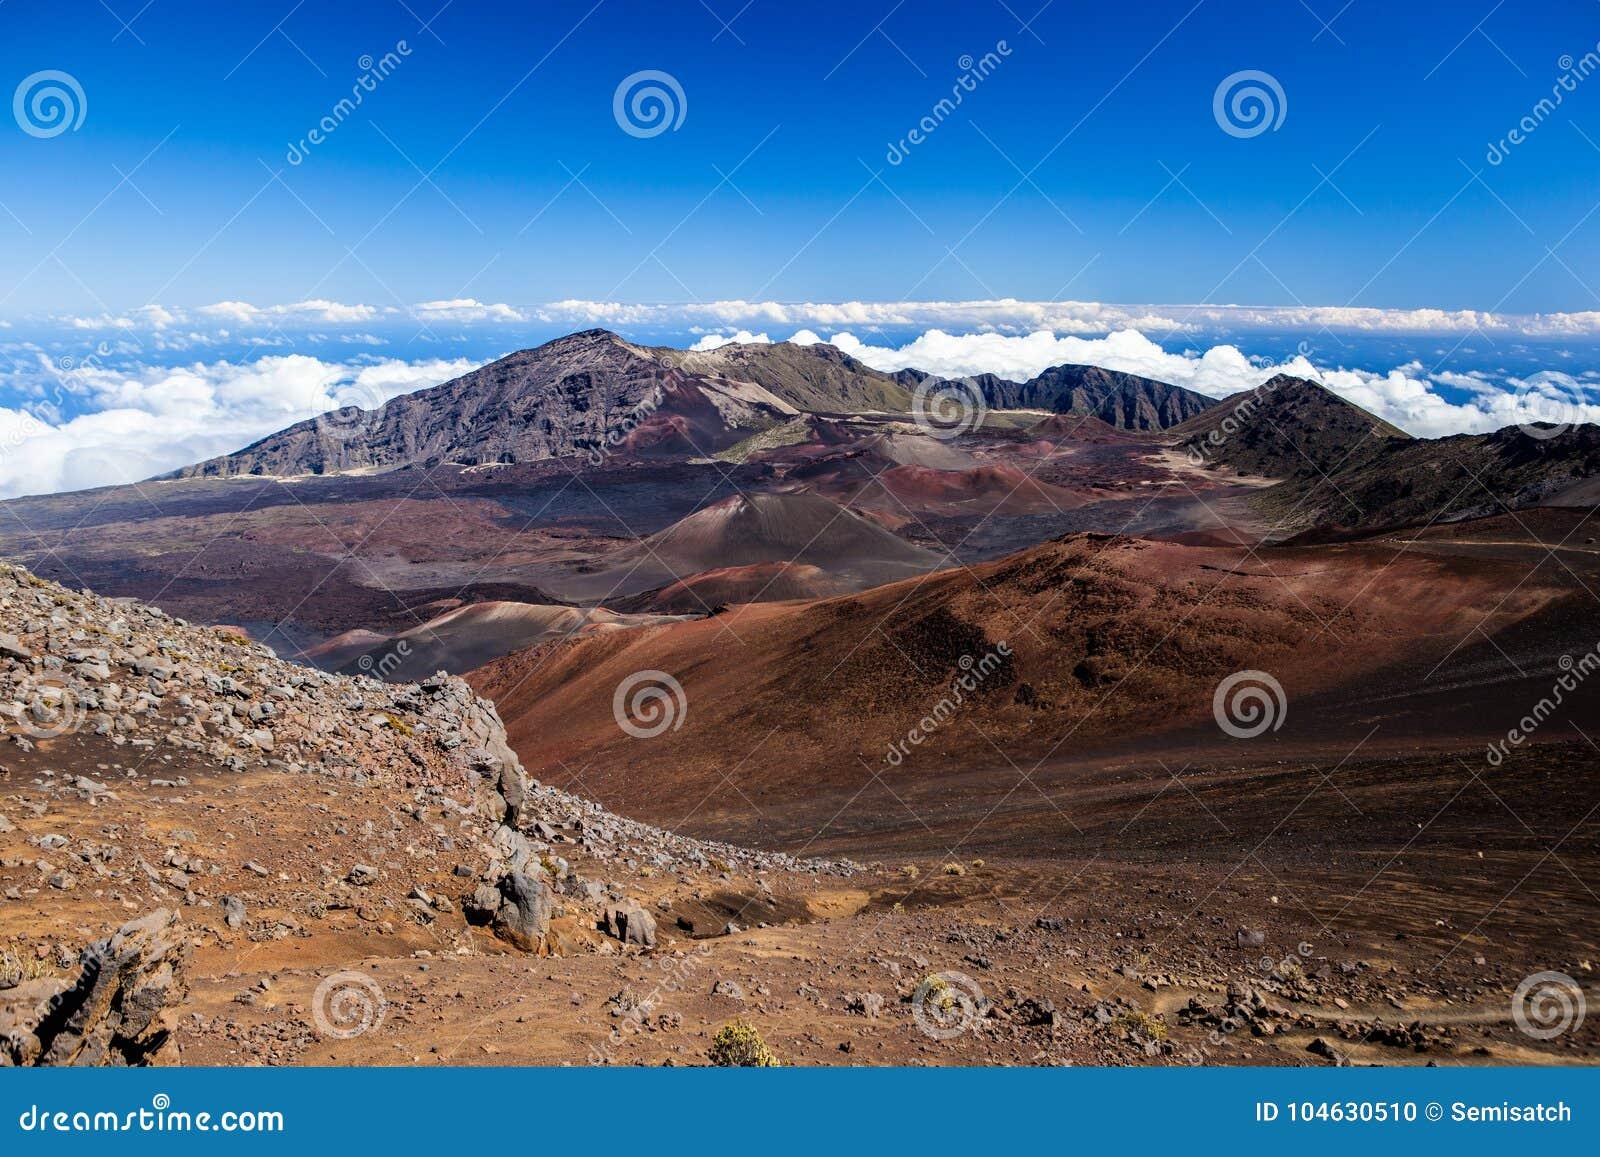 Download Vulkanische Krater Bij Het Nationale Park Van Haleakala Op Het Eiland Maui, Hawaï Stock Foto - Afbeelding bestaande uit nave, panorama: 104630510